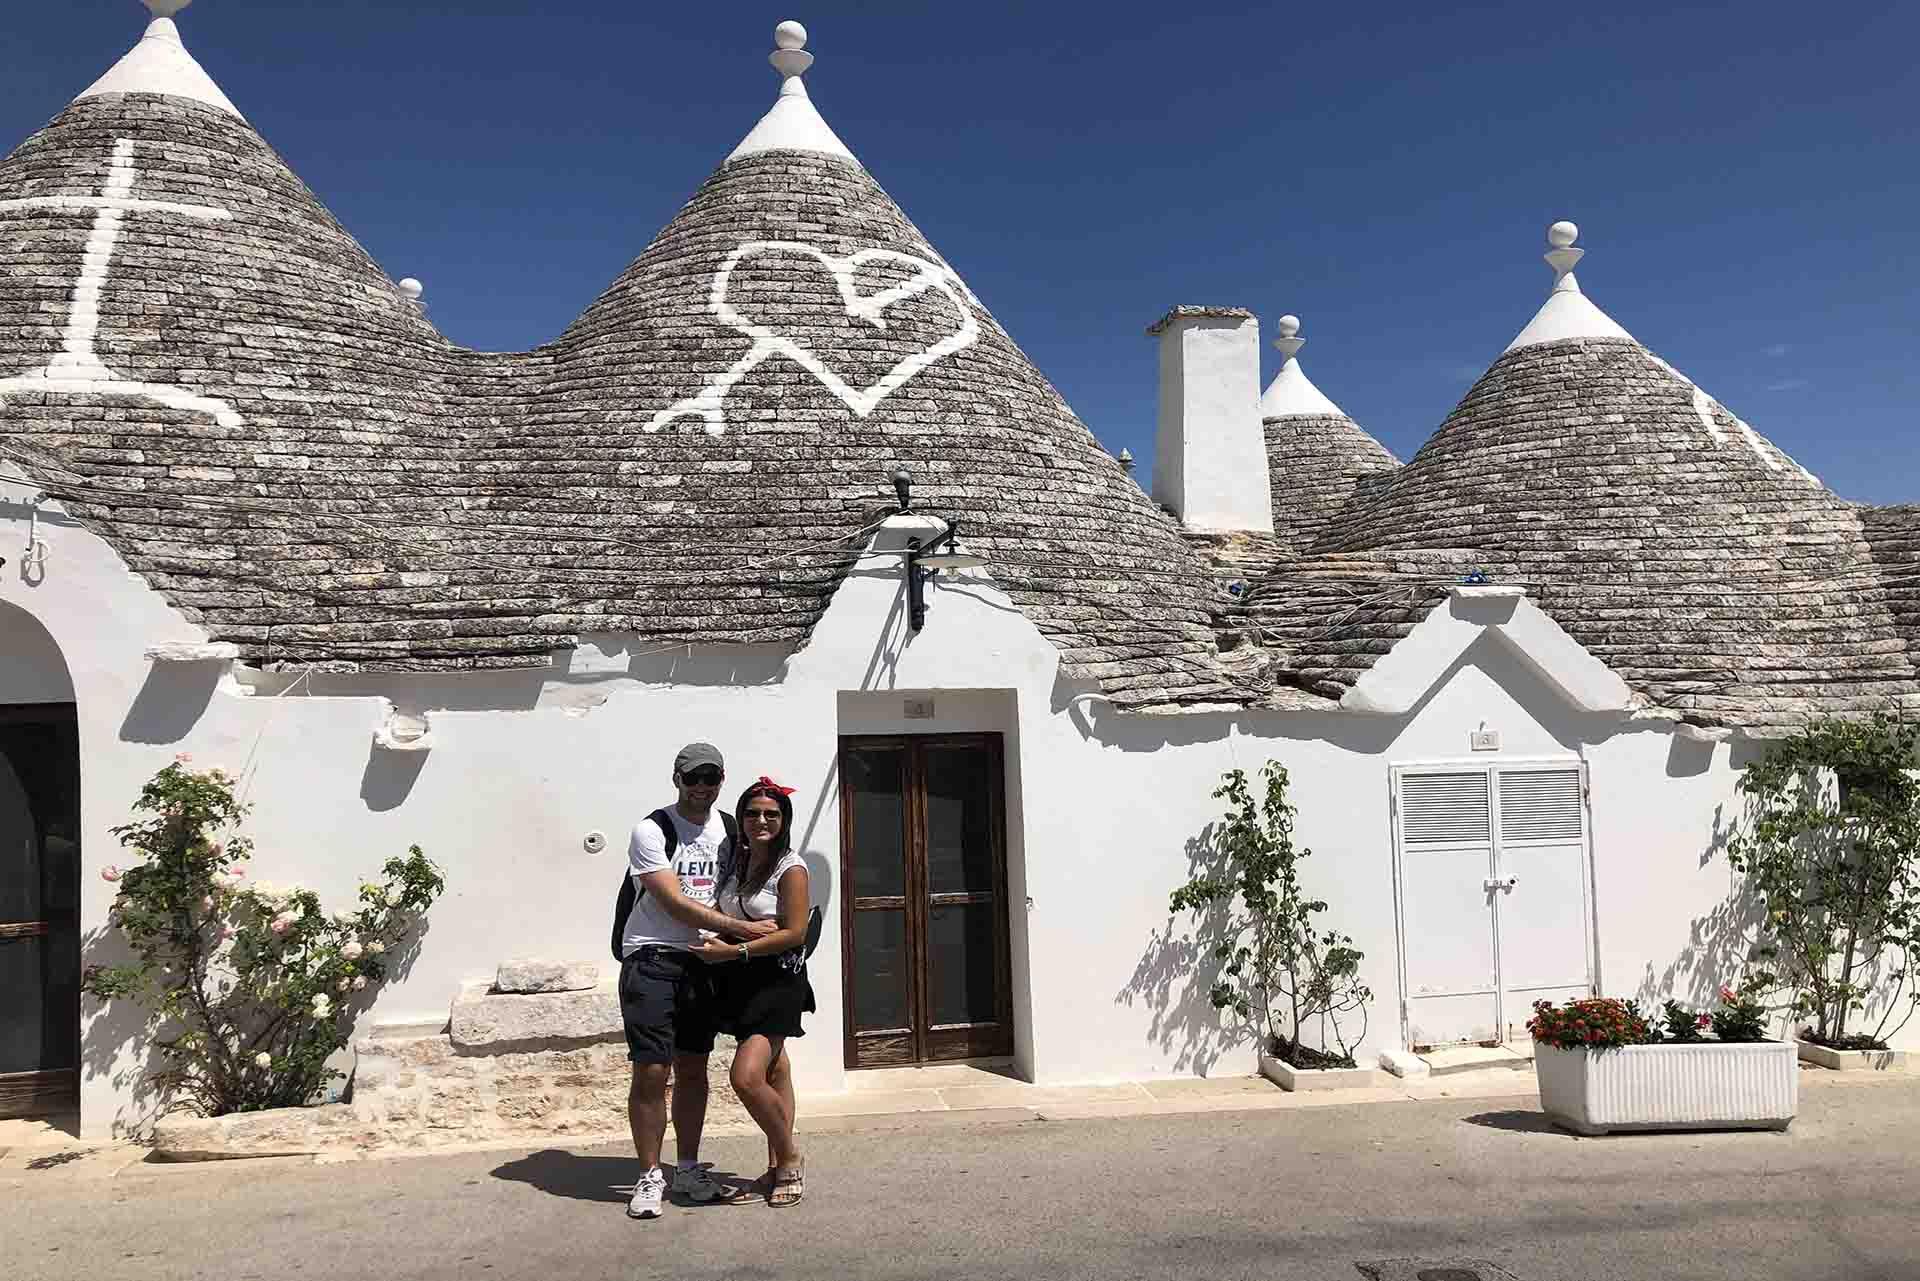 Como llegar a Alberobello